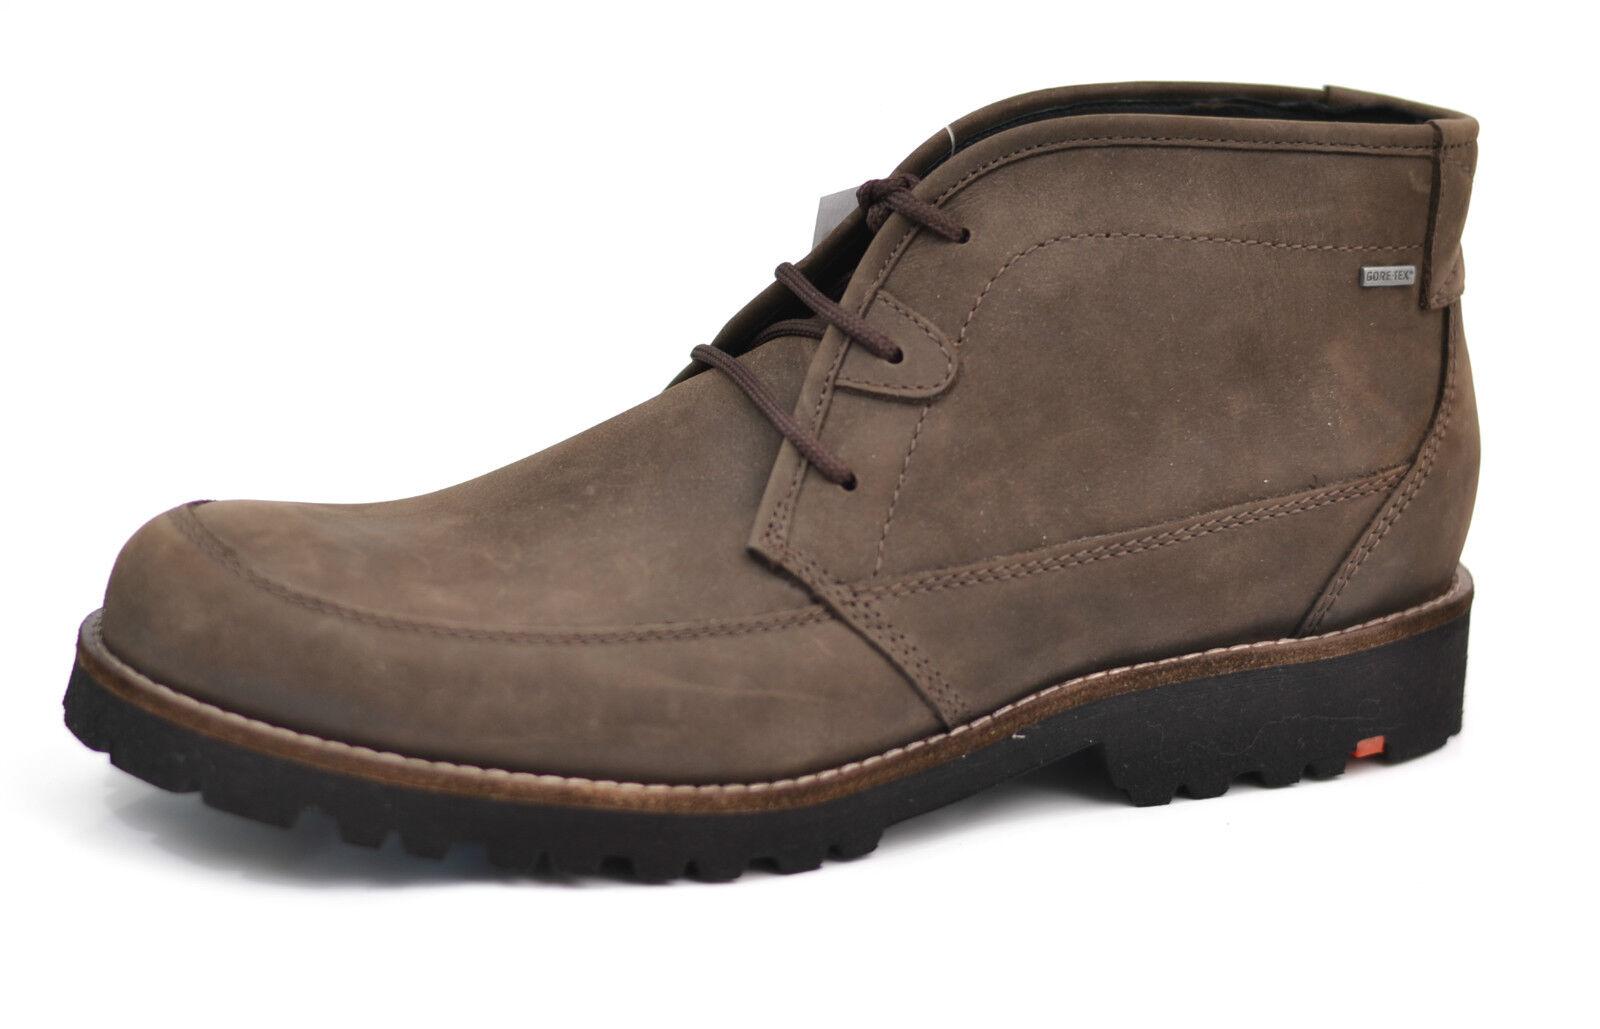 Lloyd Schuhe Herren Stiefel Stiefel Borneo braun Goretex NEU rotUZIERT 10